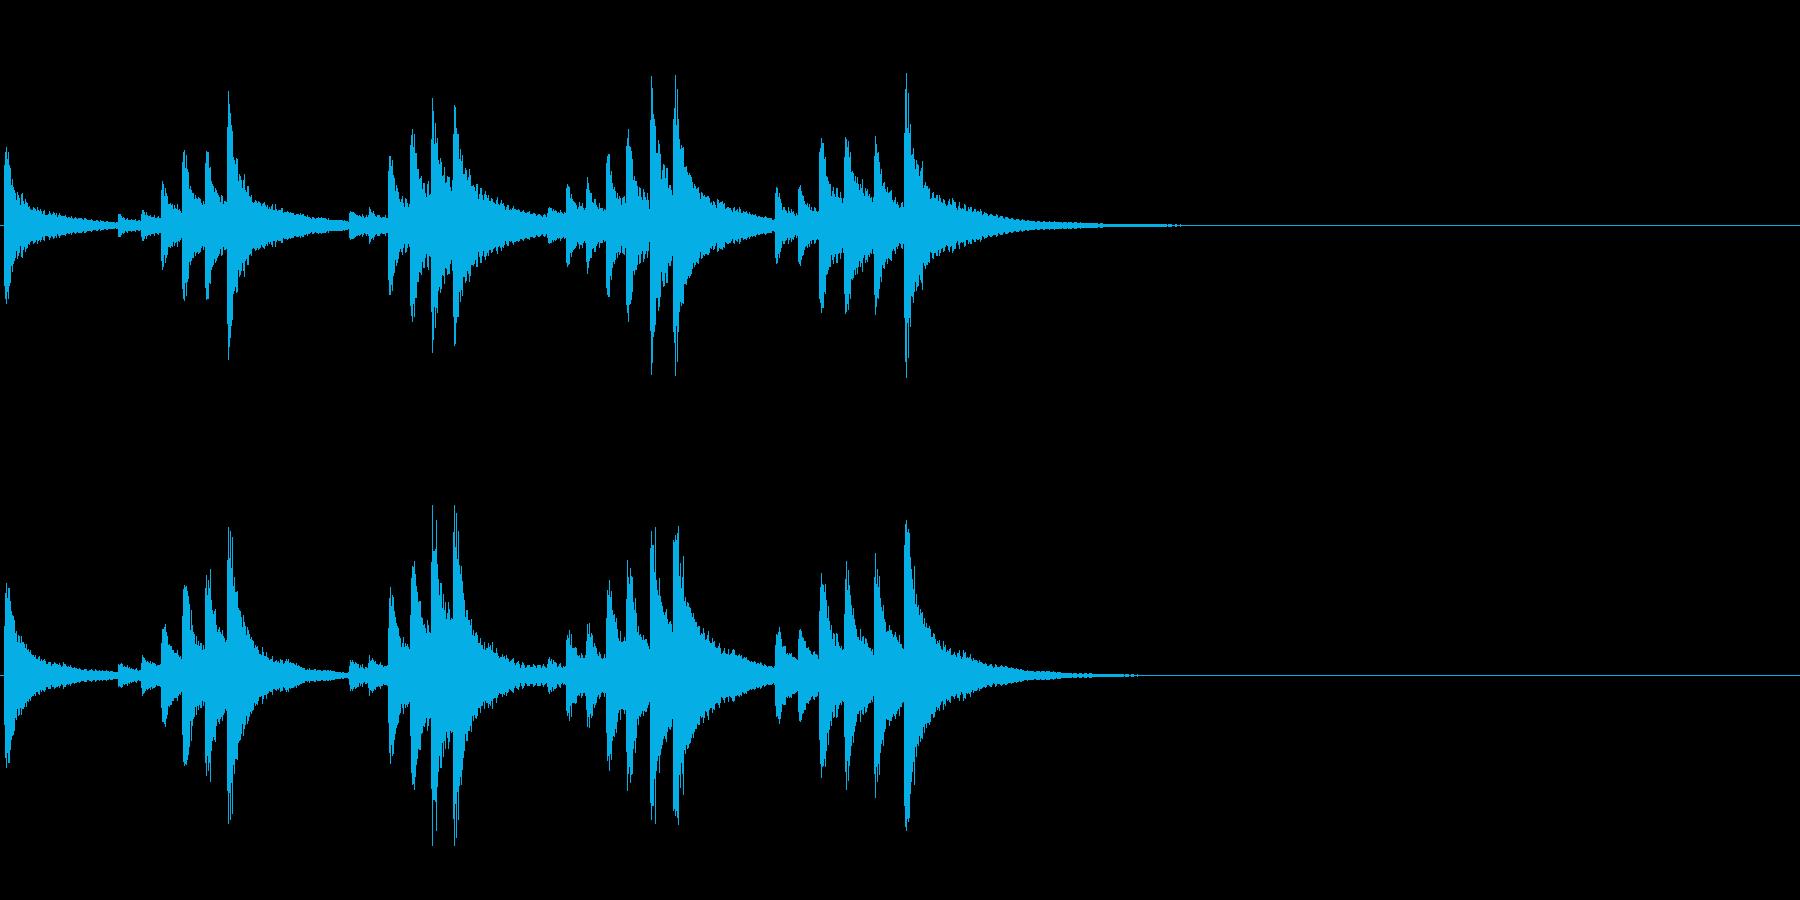 小型の鐘「本つり鐘」のフレーズ音3+Fxの再生済みの波形